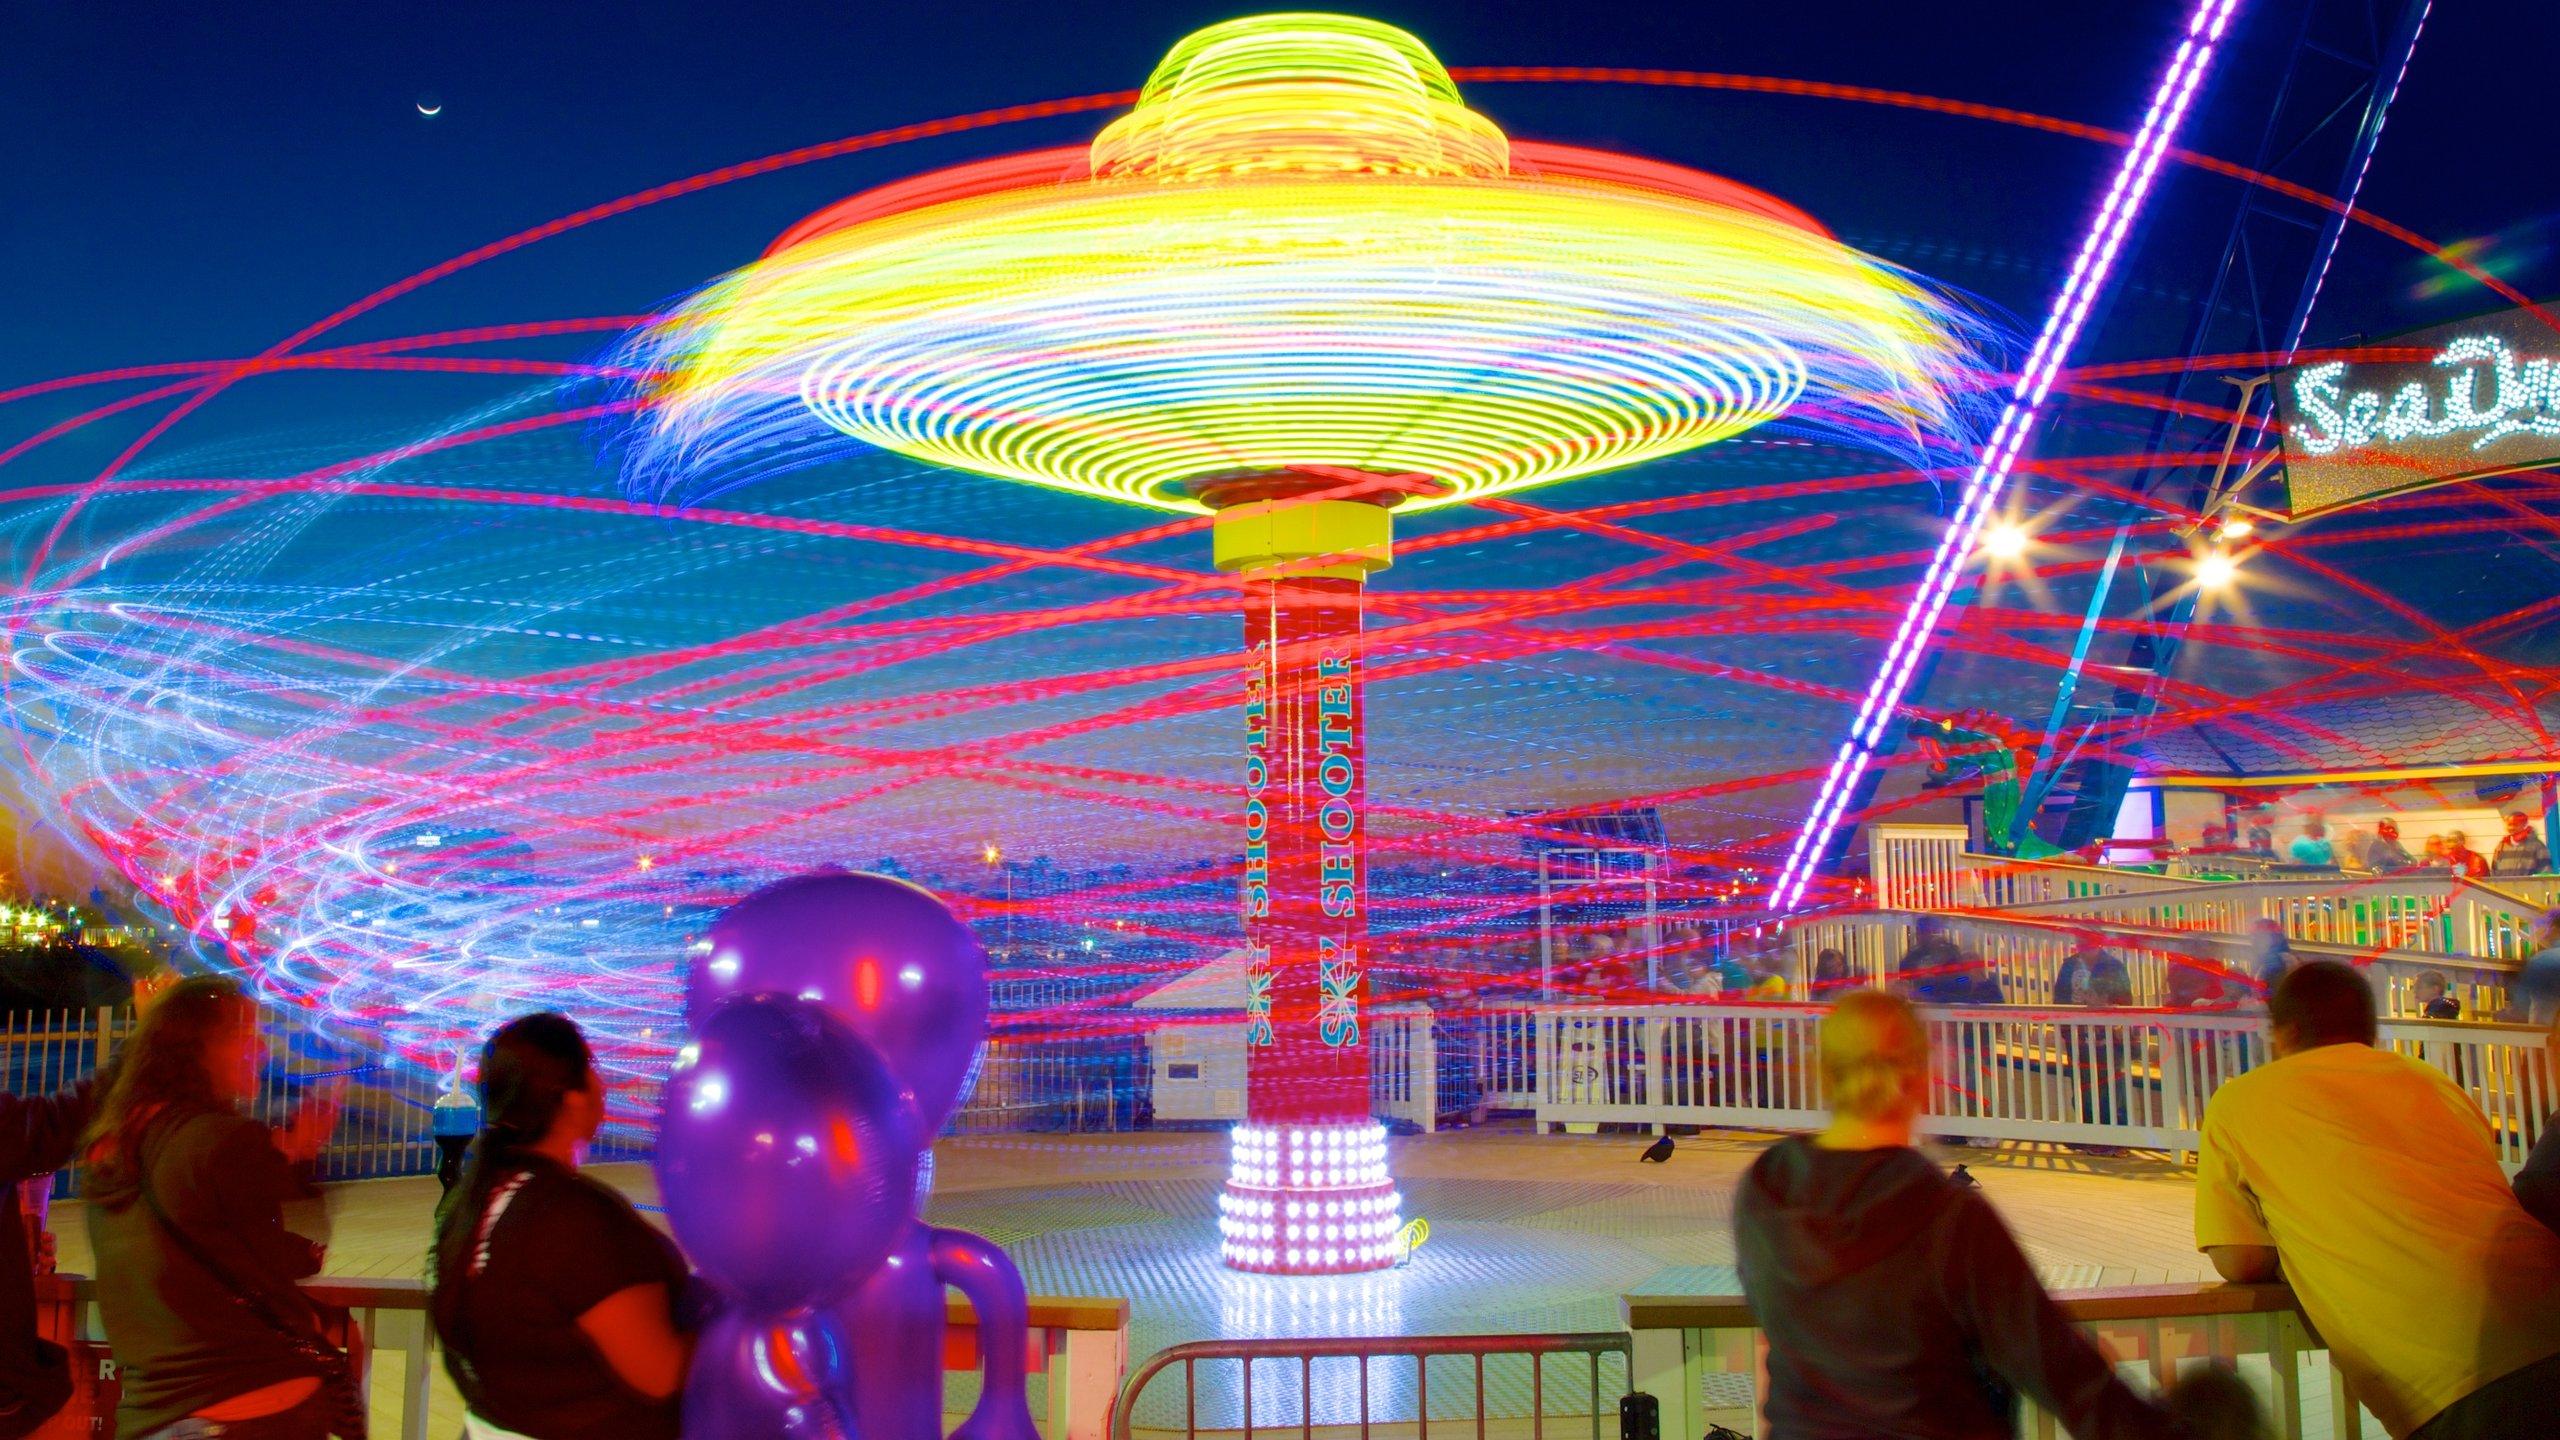 Galveston Island Historic Pleasure Pier, Galveston, Texas, USA